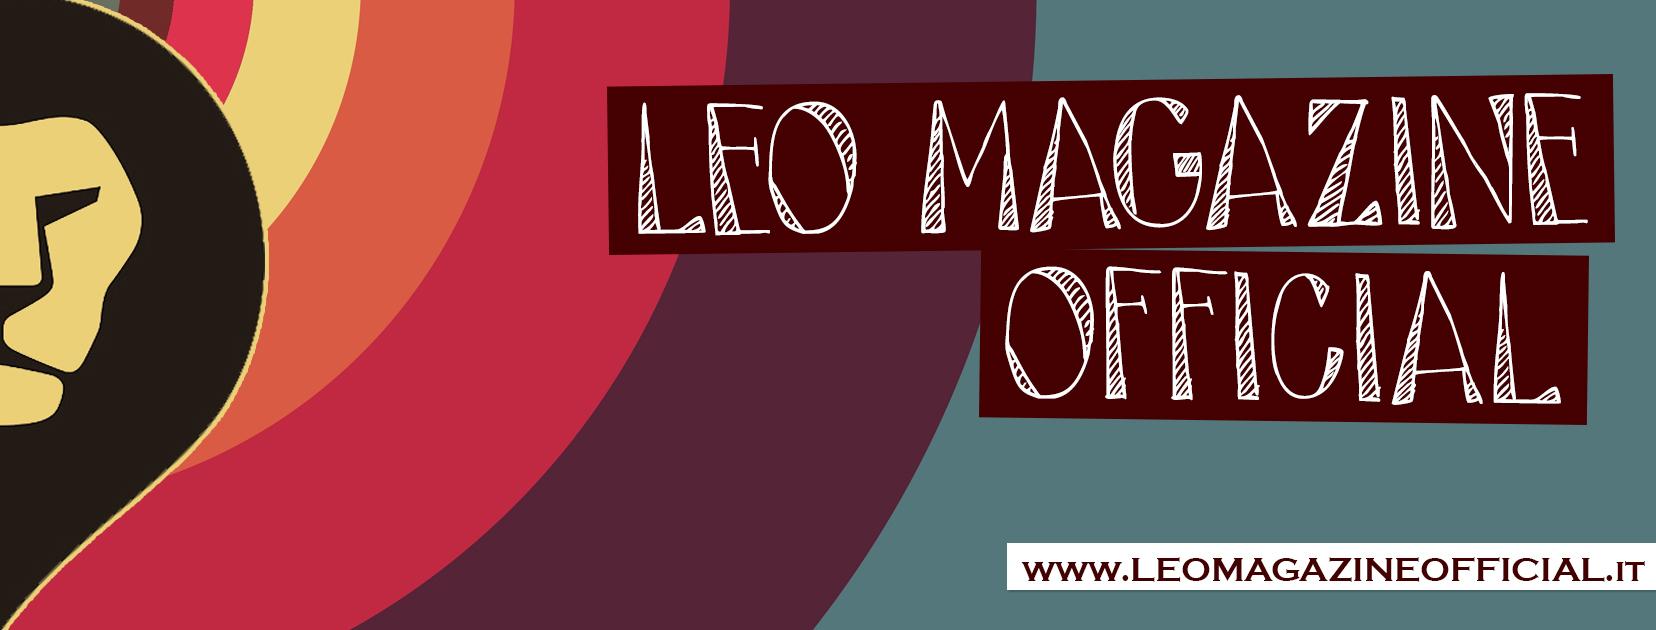 LeoMagazine | Official